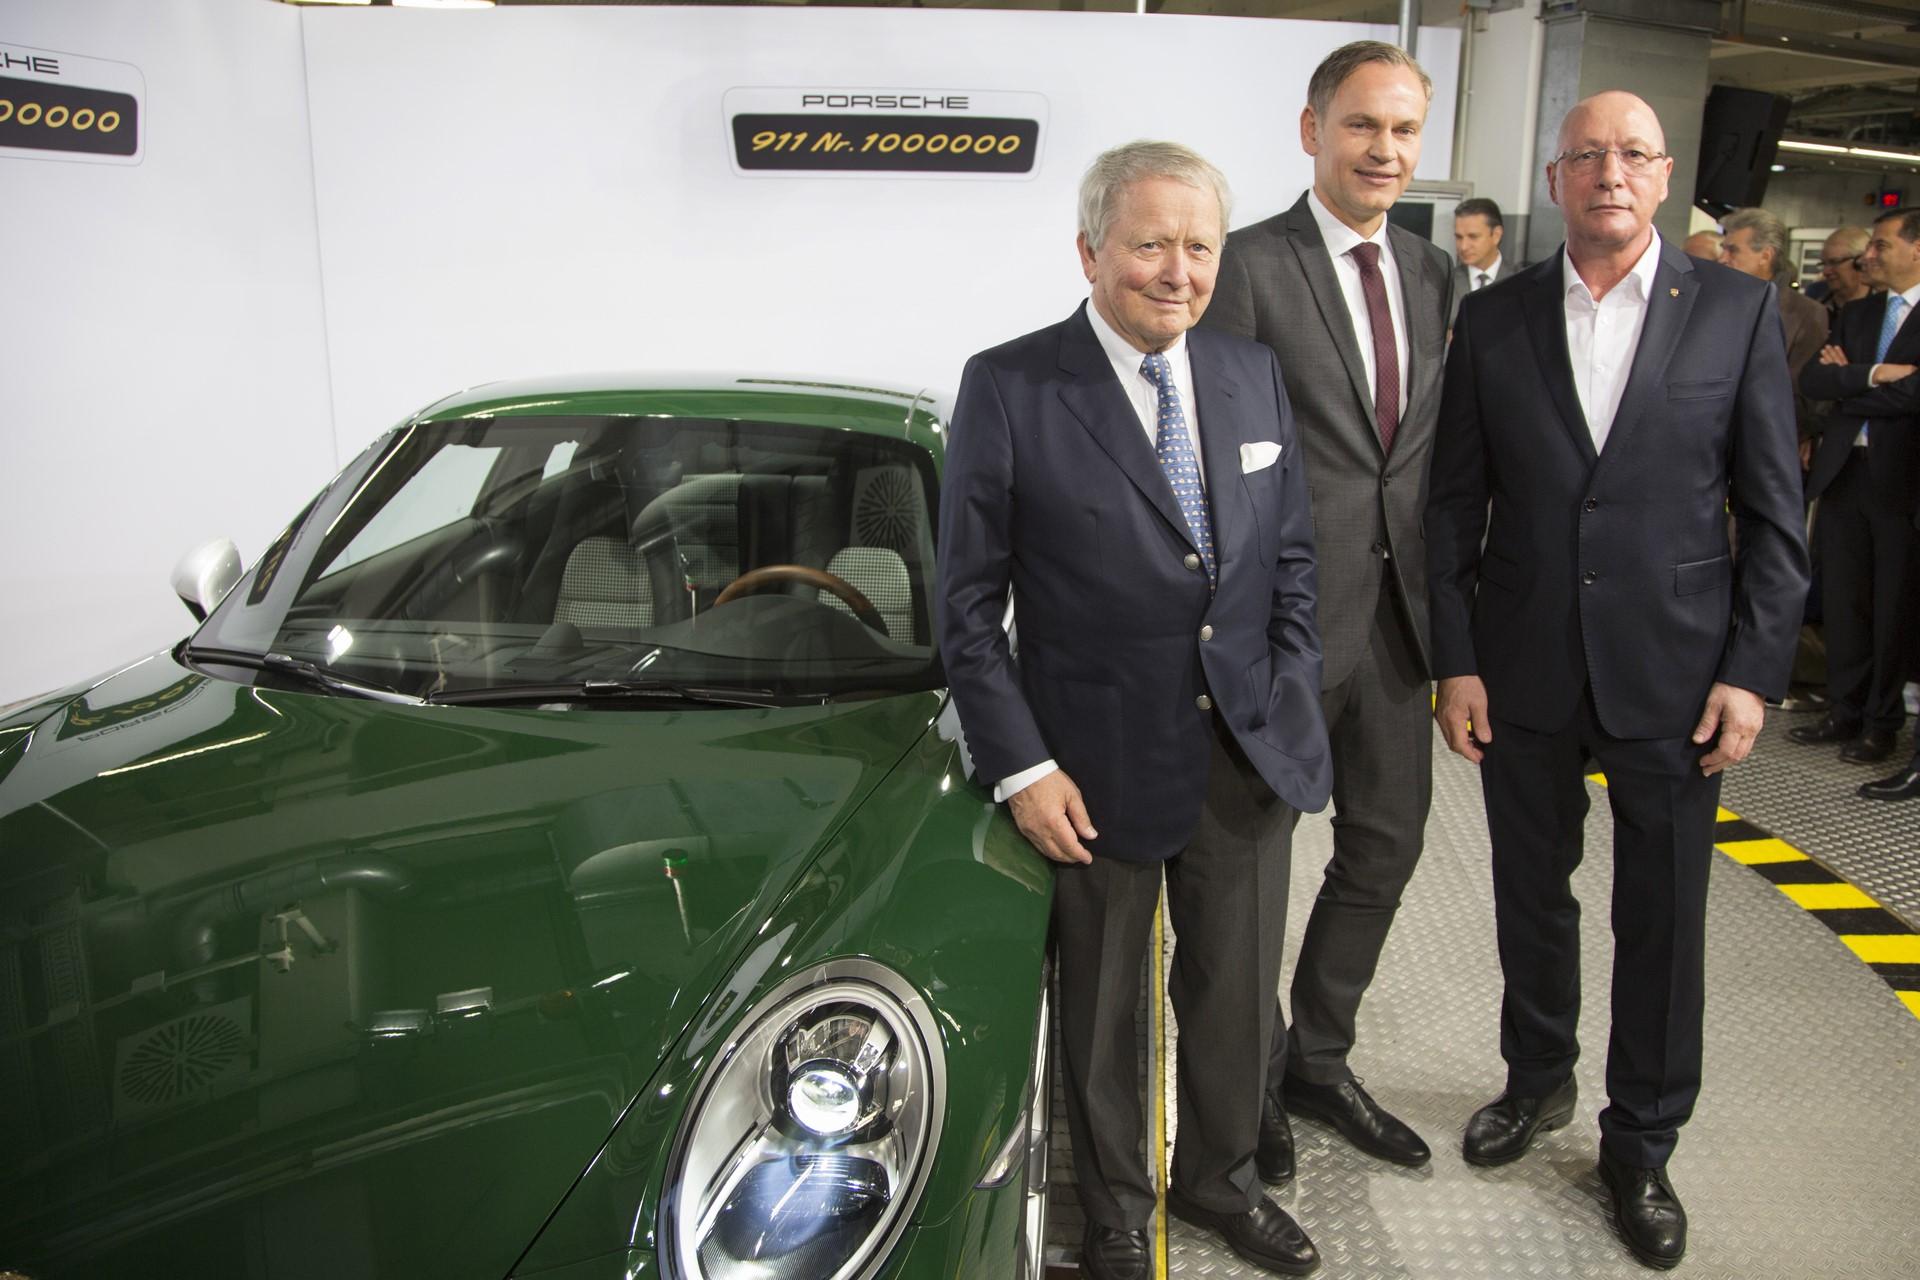 Porsche 911 1 million (1)